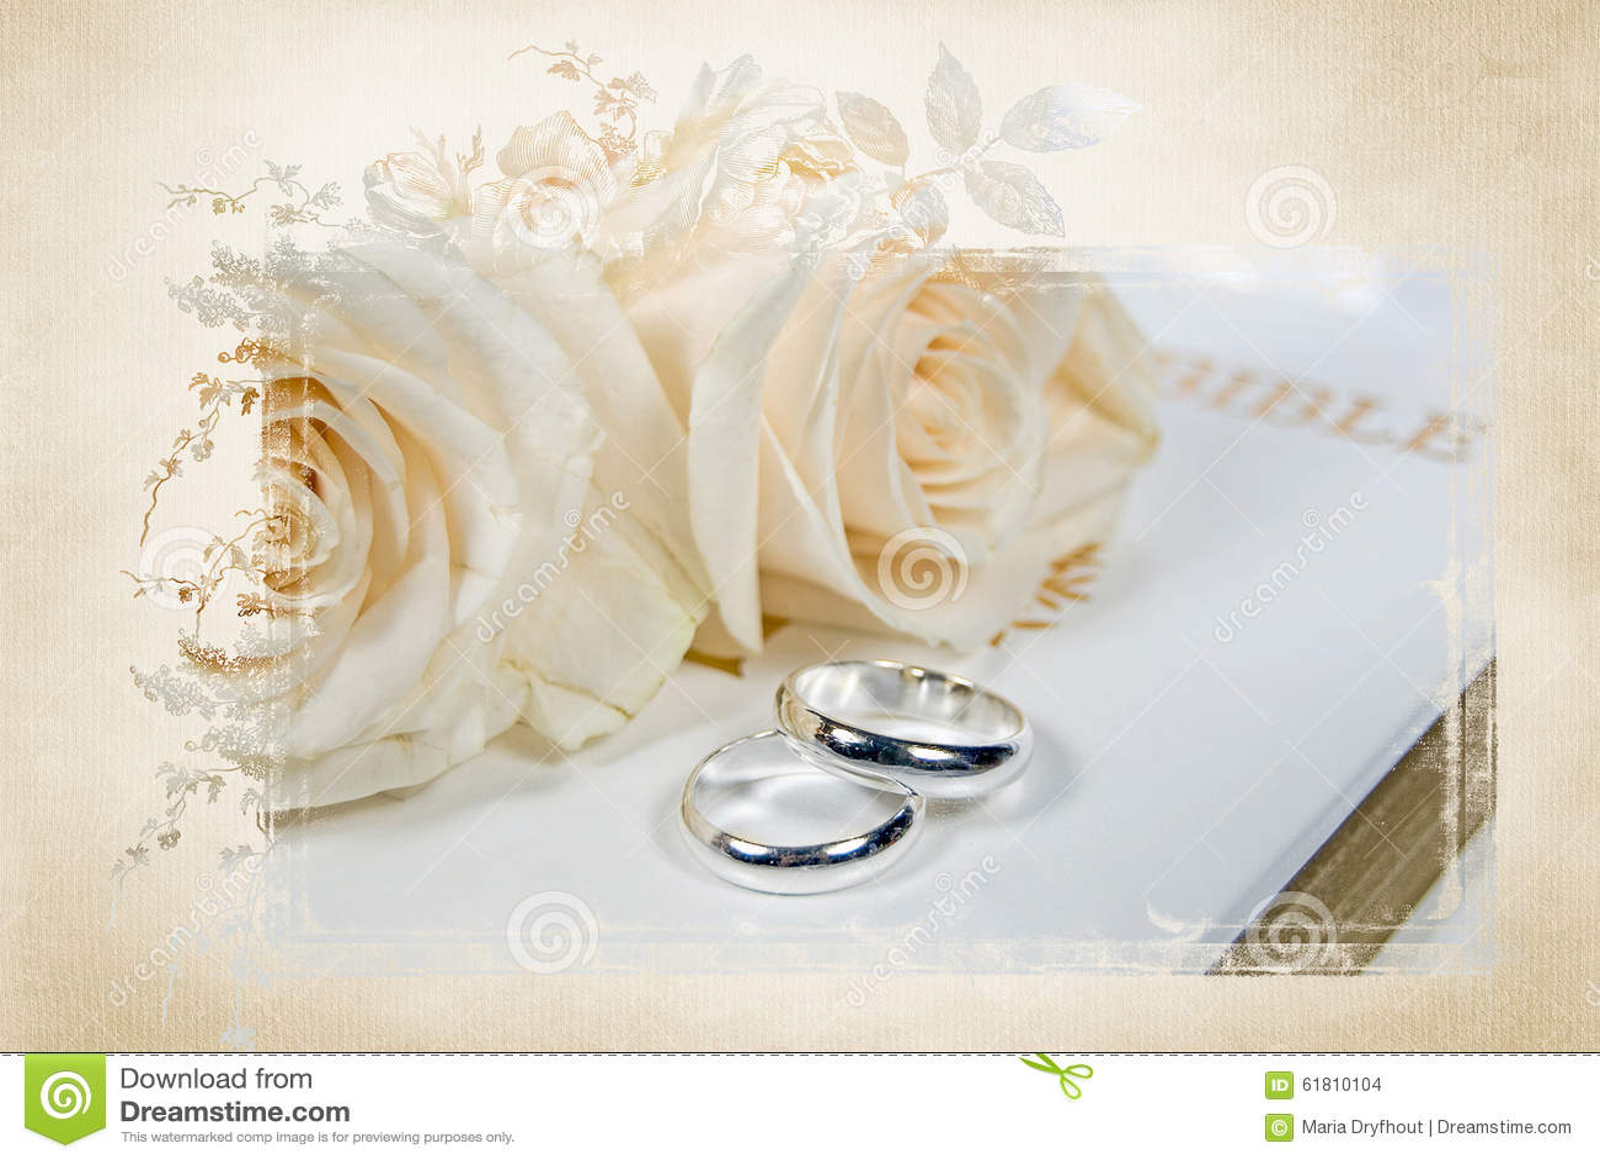 Matrimonio En La Biblia Significado : Anillos de bodas en la biblia foto archivo imagen